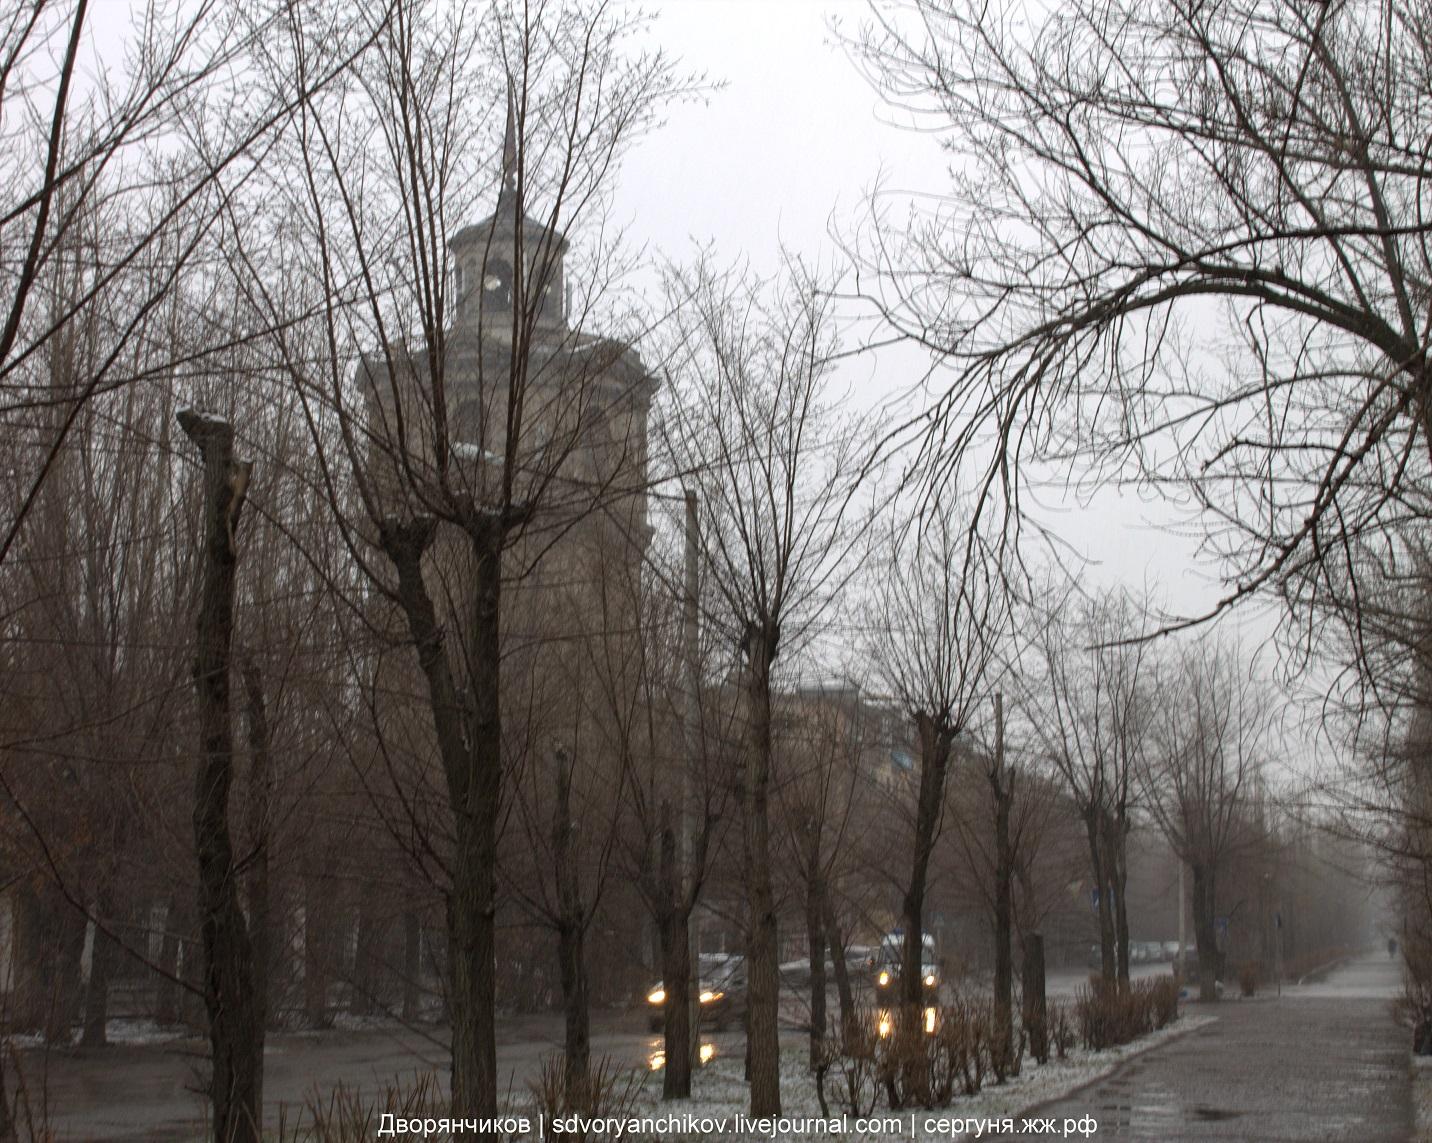 Волжский - Дыхание зимы - 21 марта 2017